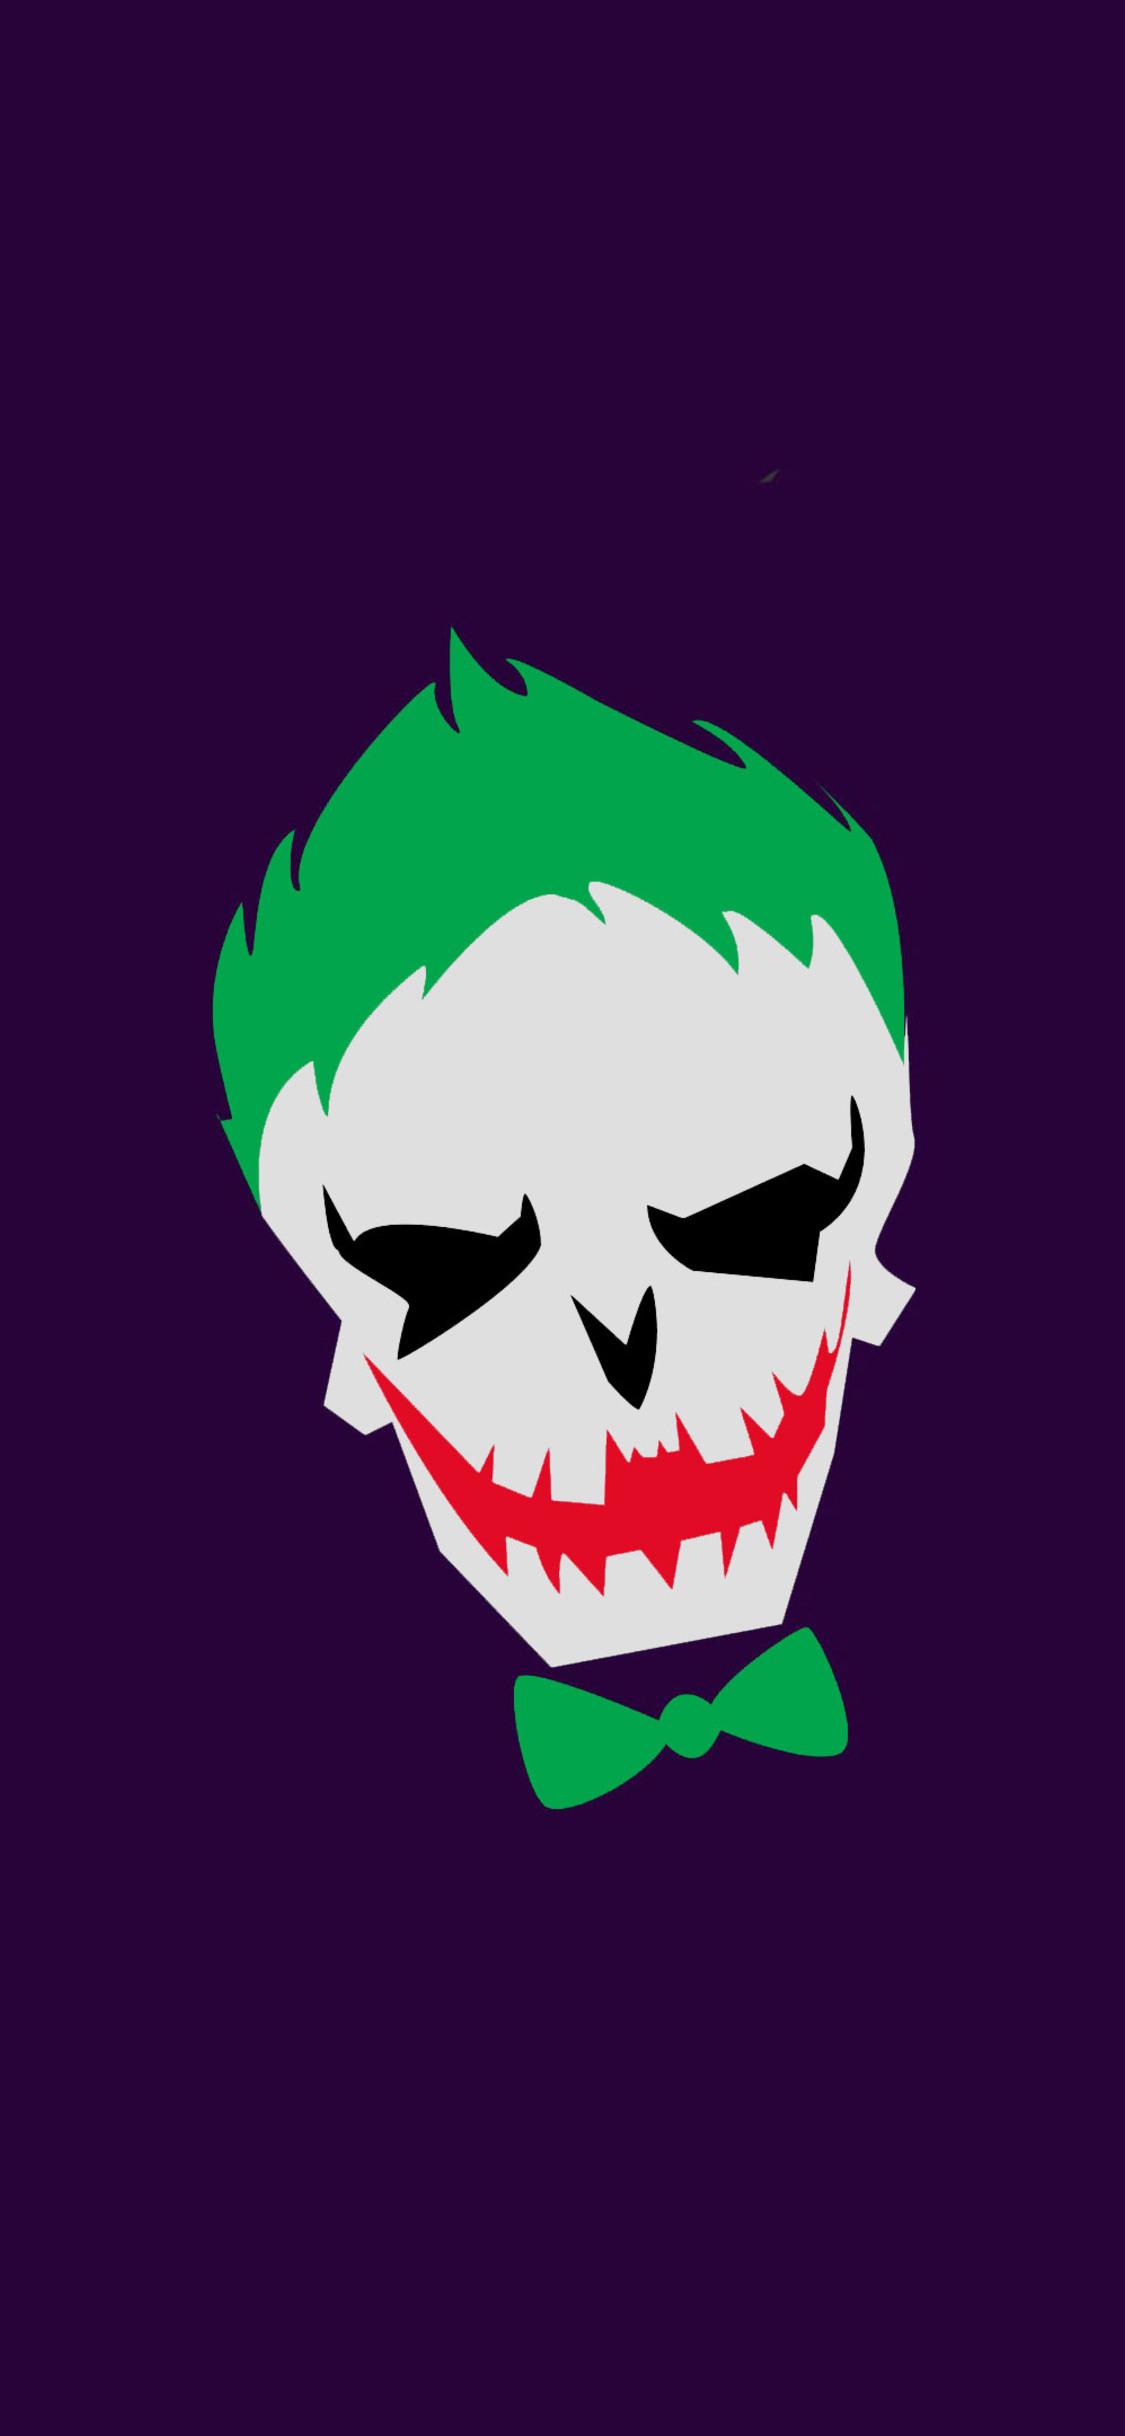 Joker Minimalism 4k Ap